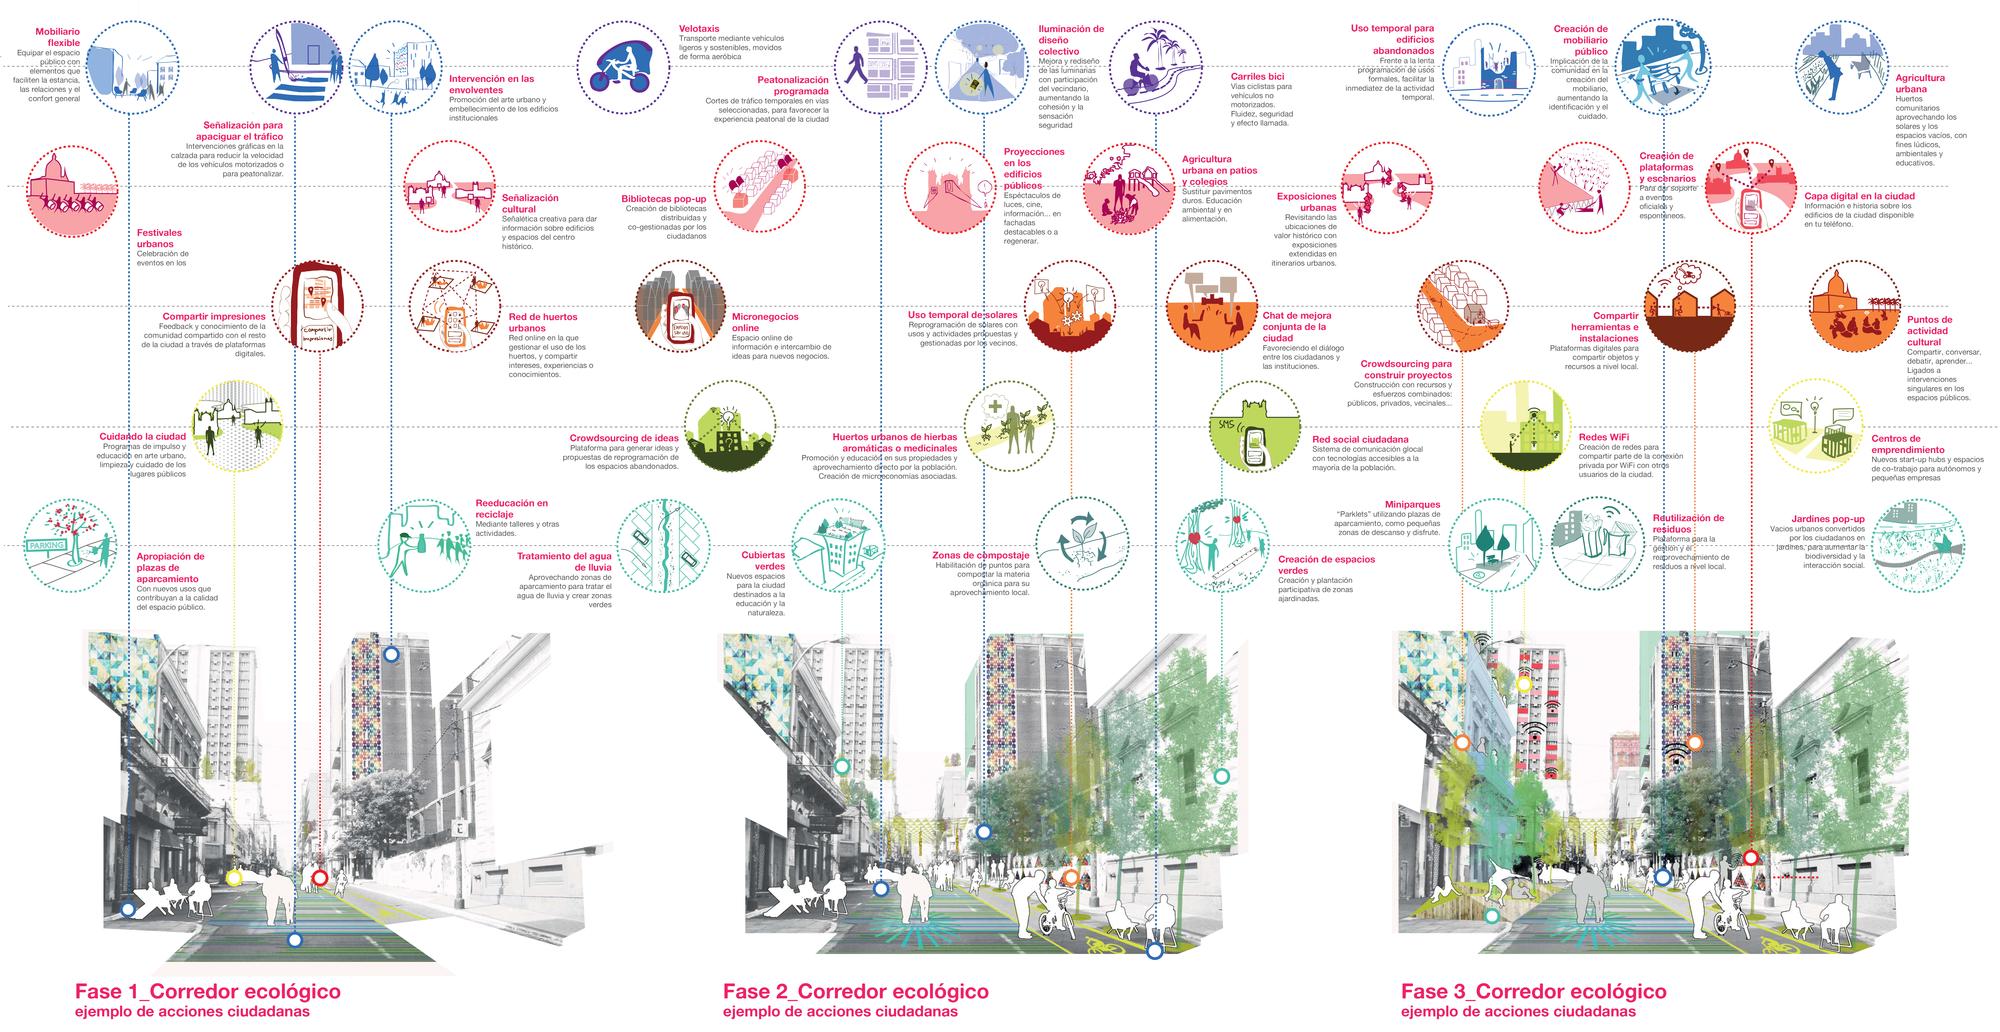 Ecosistema Urbano nos presenta la propuesta ganadora del Plan CHA en Asunción, Iniciativas ciudadanas conectadas con el desarrollo del espacio público (el corredor ecológico) en el tiempo.. Image © Ecosistema Urbano